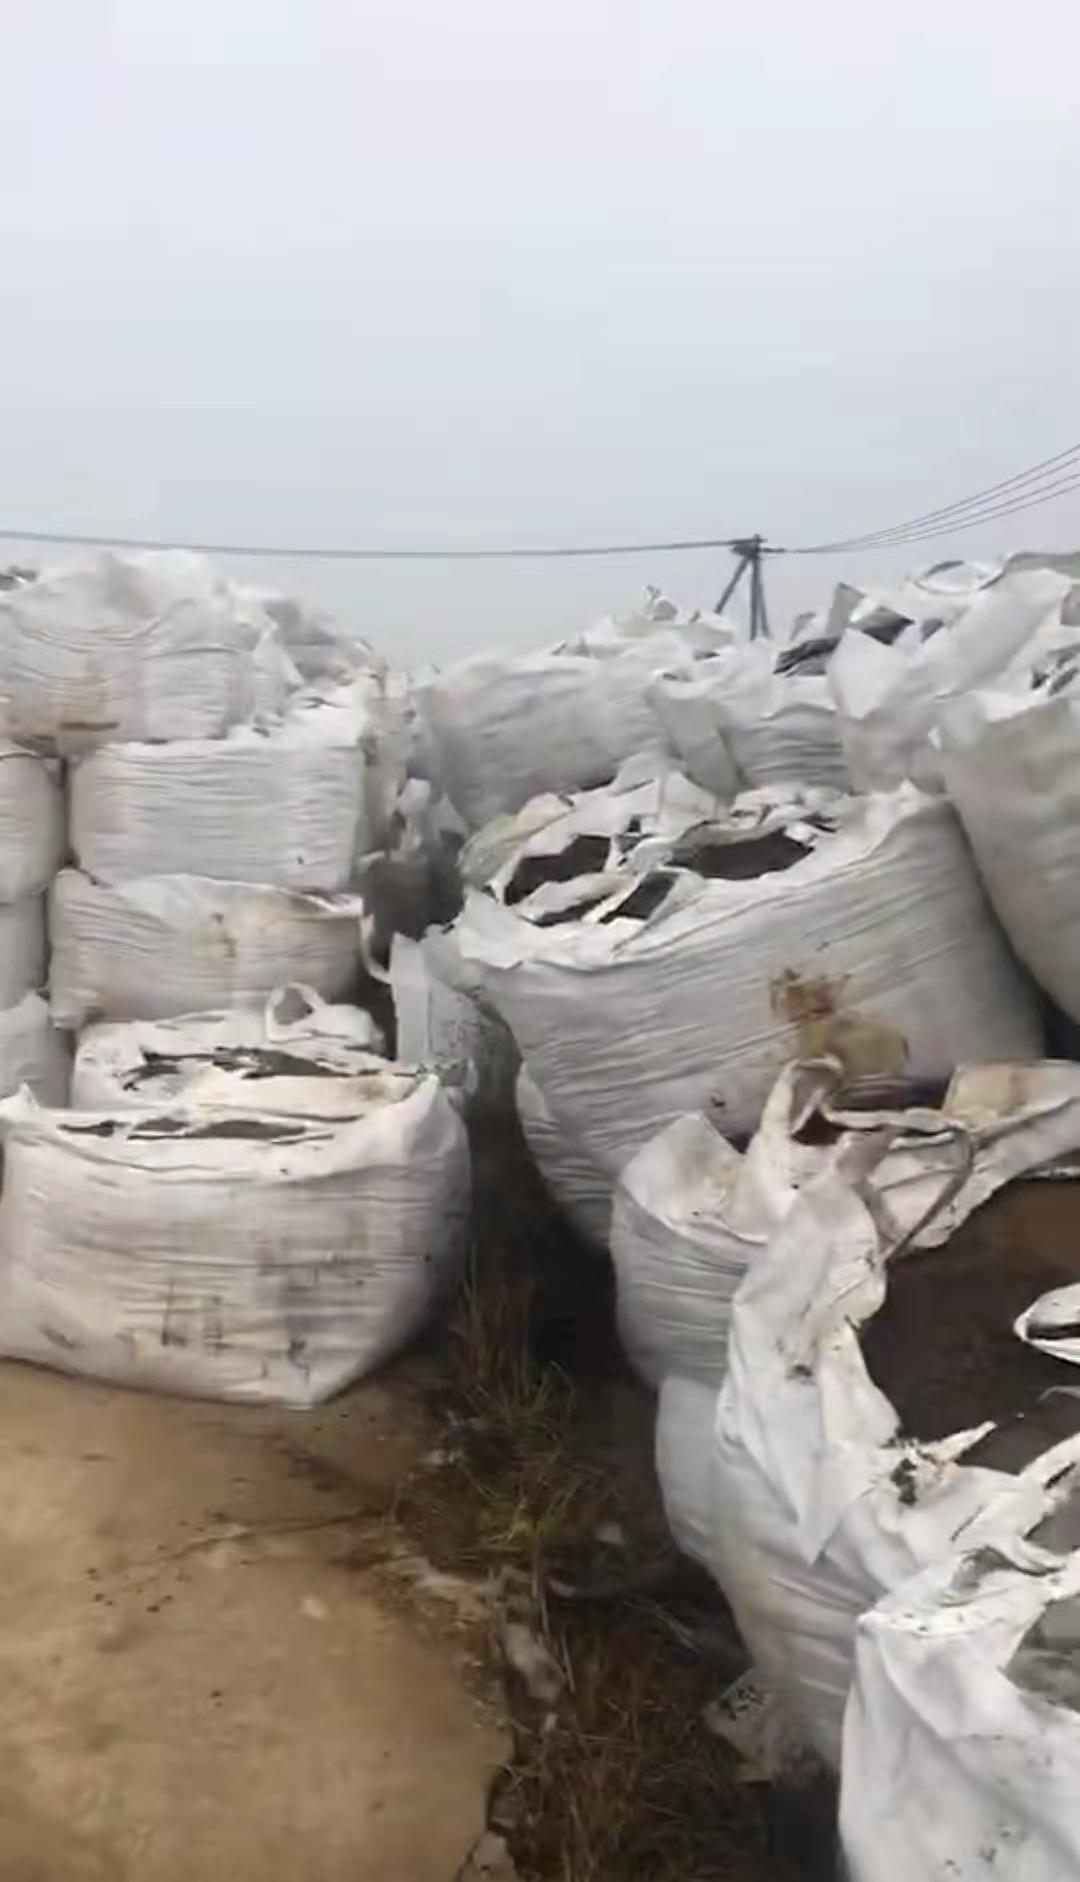 江苏灌云县一院内堆八百吨固废 官方回应(图)图片